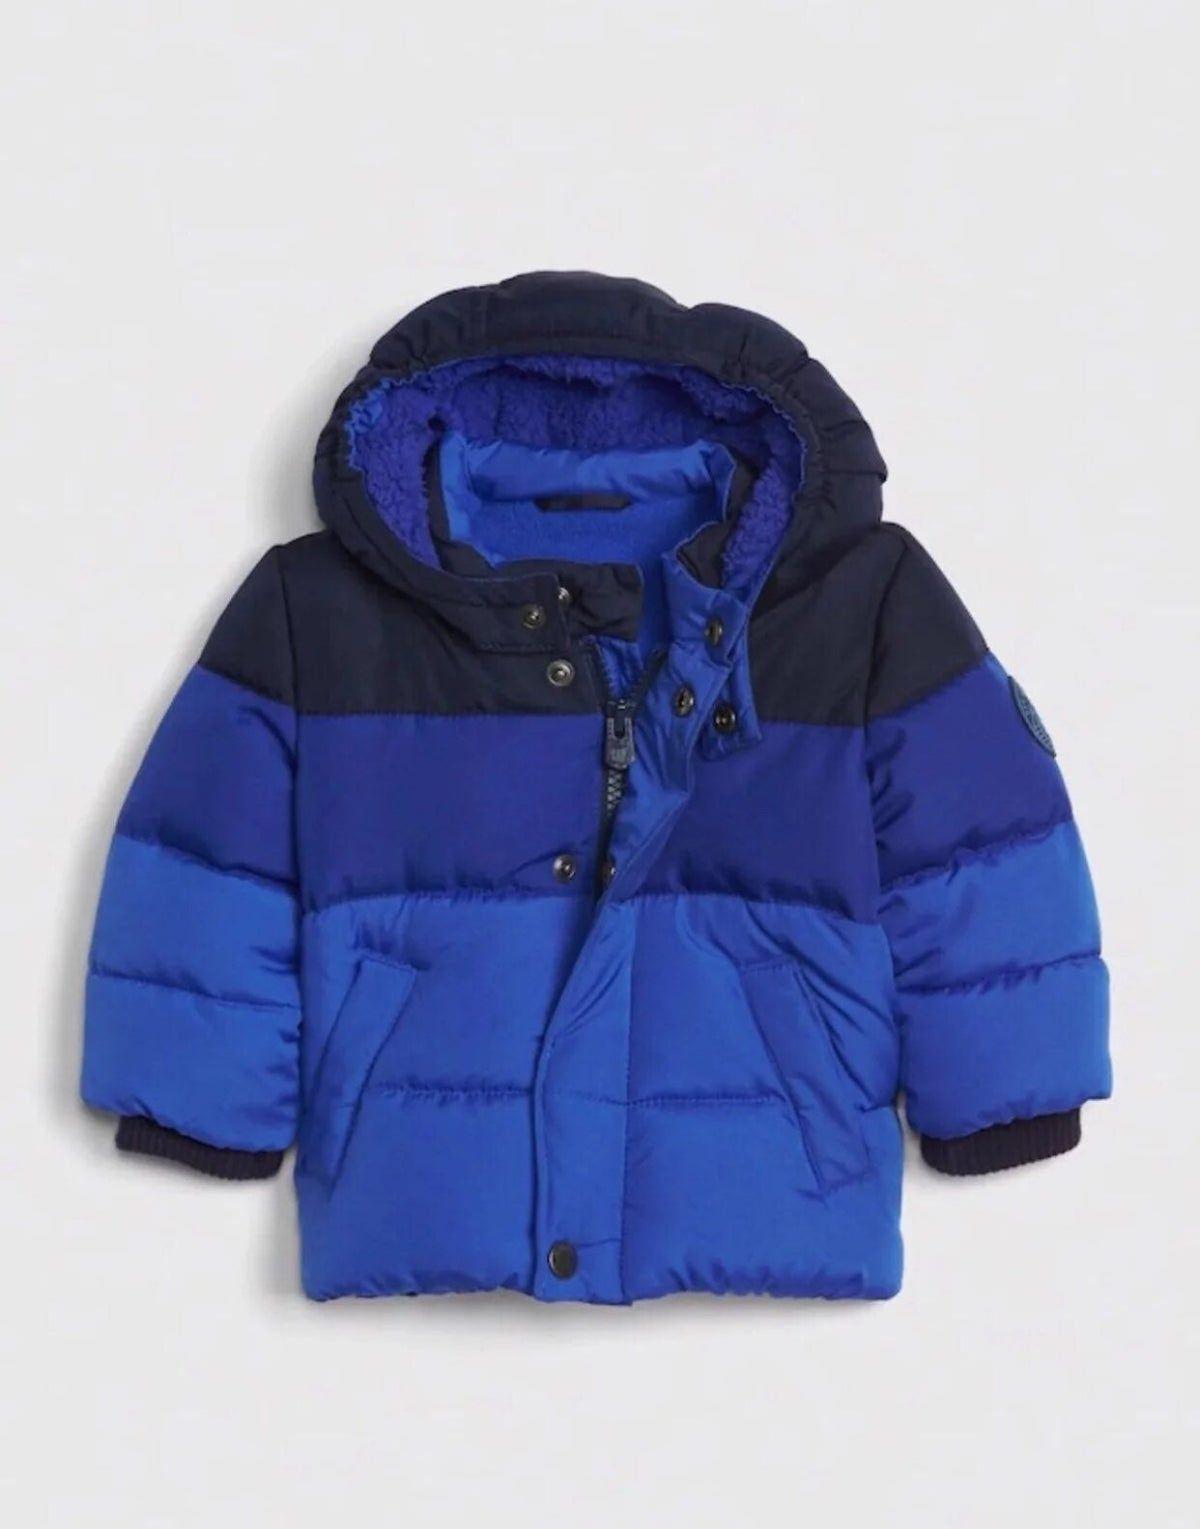 Babygap Colorblock Zip Puffer Jacket In 2021 Baby Boy Coats Jackets Baby Boy Jackets Baby Boy Coat [ 1529 x 1200 Pixel ]